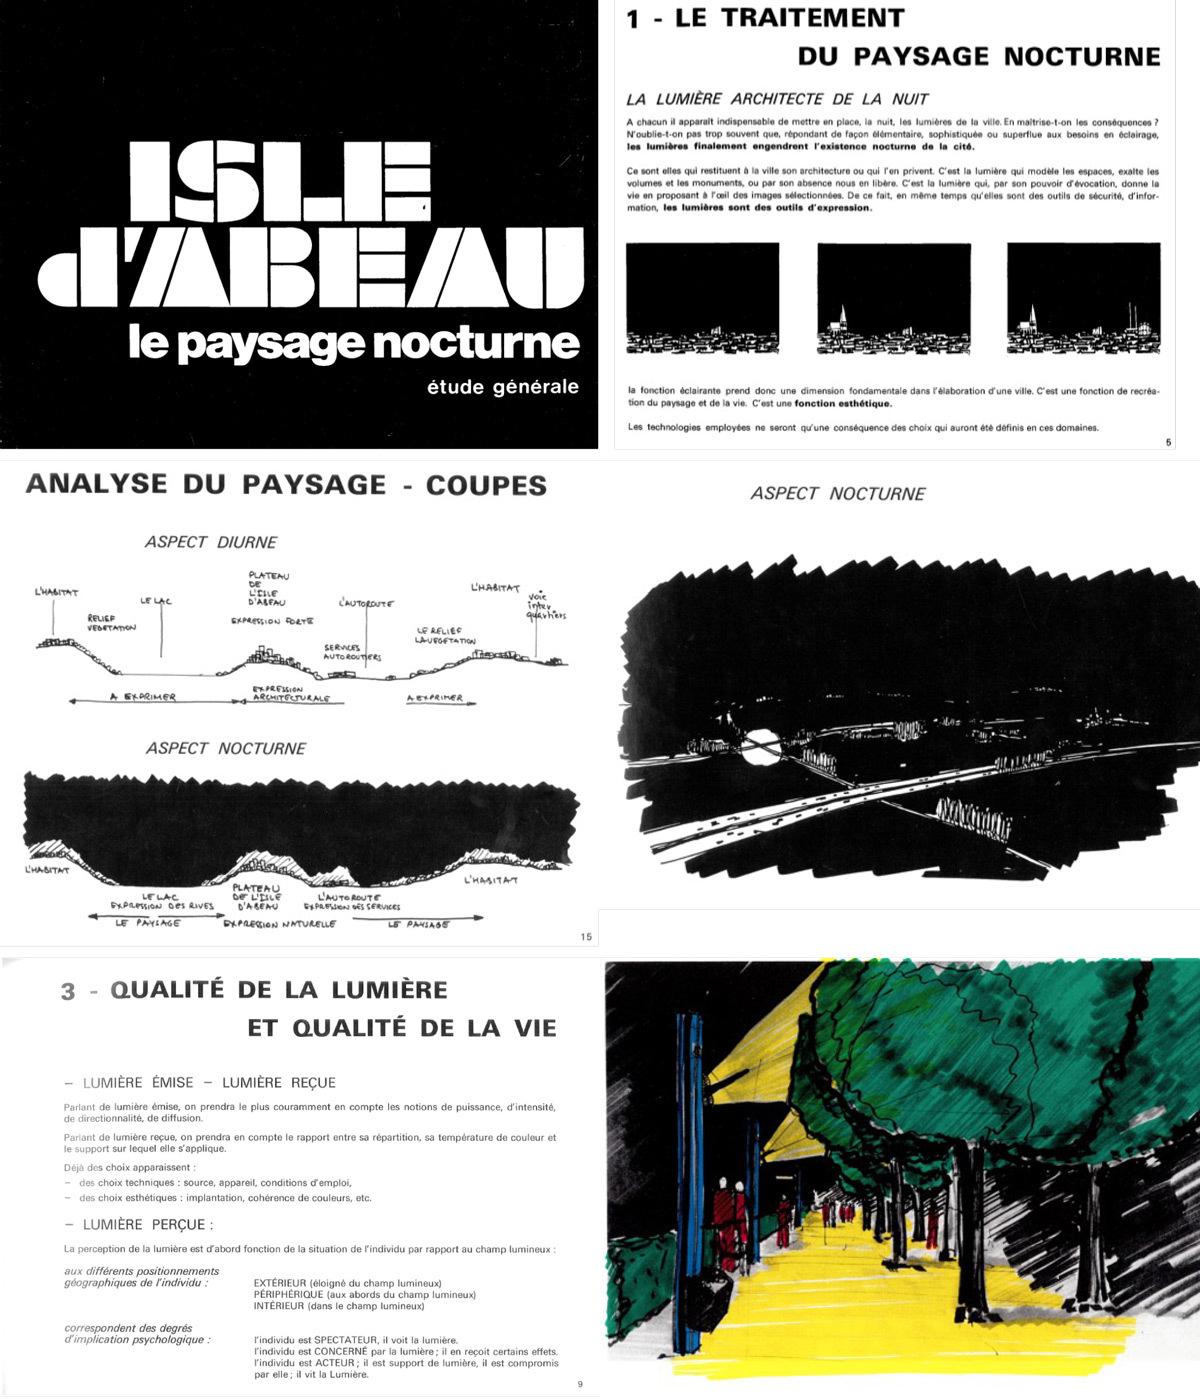 Paysage nocturne de la ville Nouvelle de l'Isle d'Abeau, 1973 - extrait des 45 pages - schémas de principe © ECA - Etudes et Création d'Ambiance - P. Arnaud et A. Weil